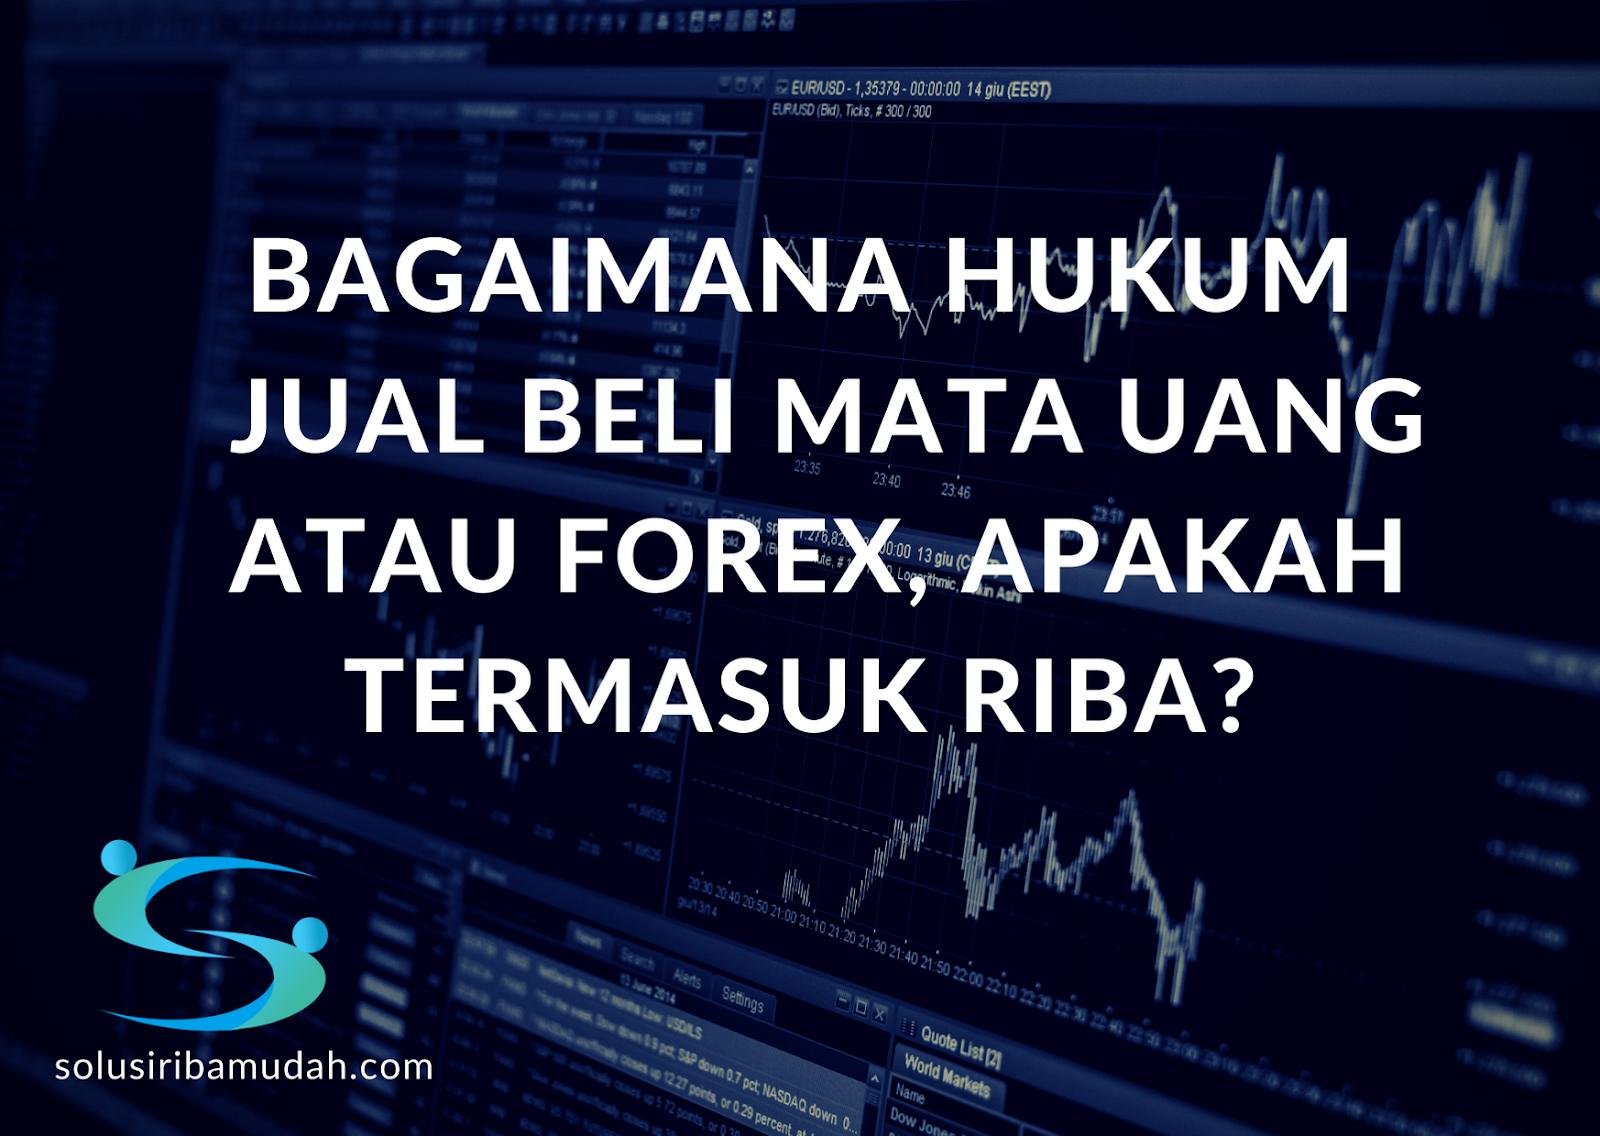 Bolehkah trading Forex bila saya Muslim?